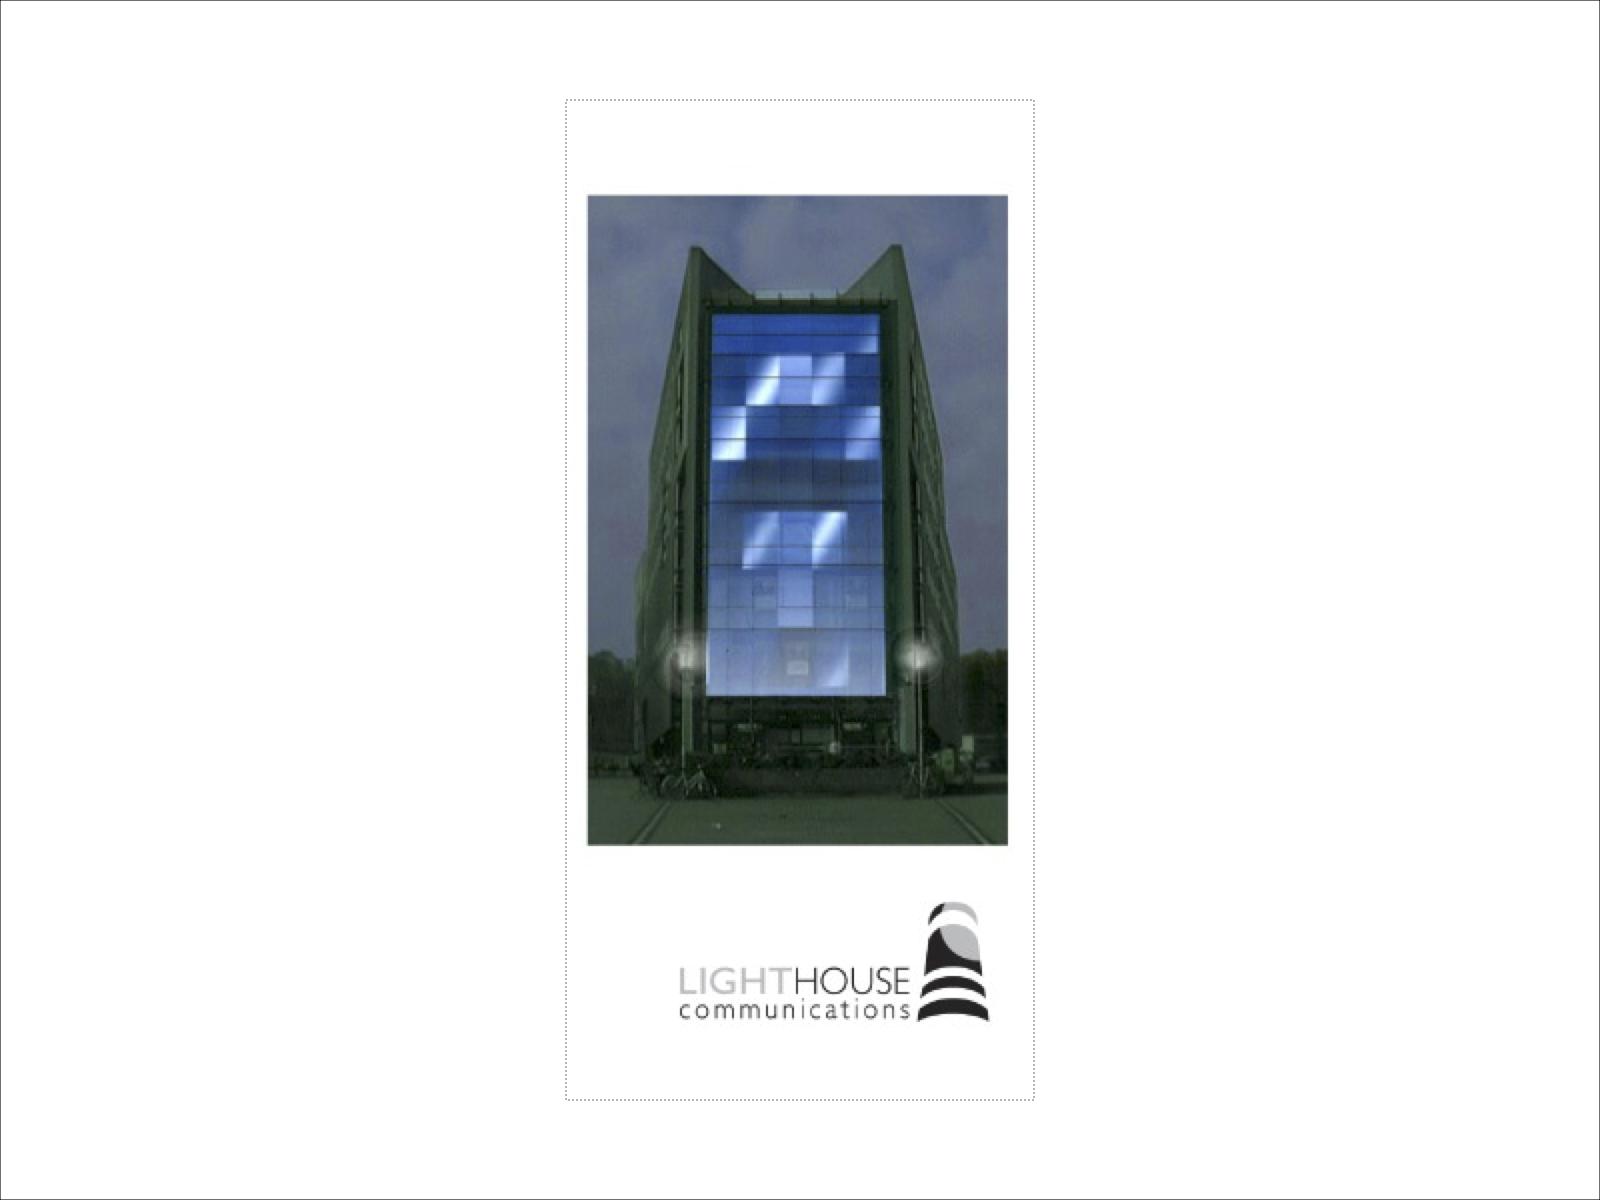 Lighthouse Communication Broschüre